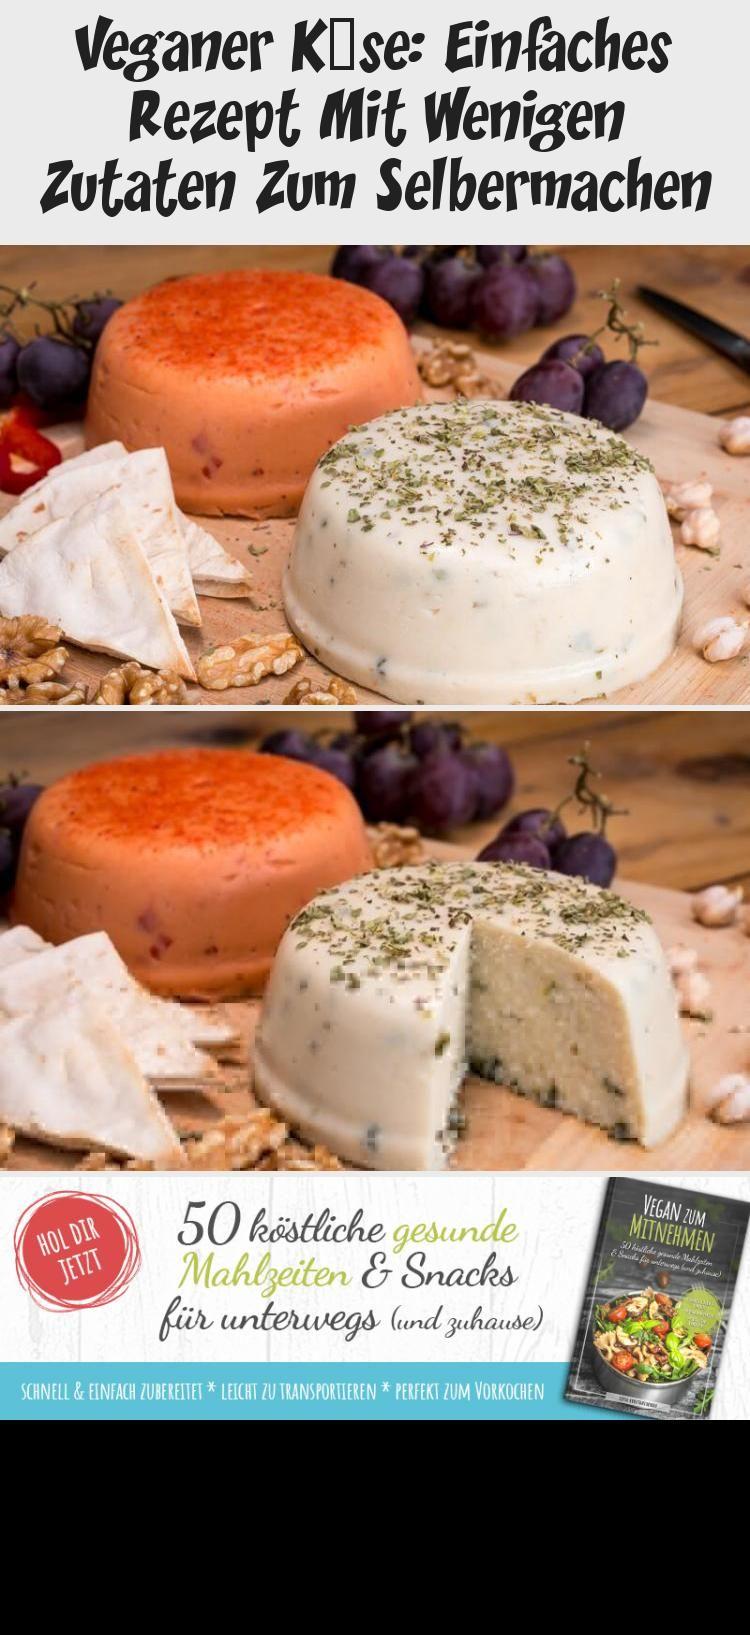 Veganer Käse - super einfaches Rezept mit wenigen simplen Zutaten zum selber machen! Ohne Soja, Nüsse, Öl, Bindemittel oder Käsekulturen!  #vegan #veganerezepte #veganesfrühstück #veganerkäse #gesunderezepte #gesundesessen #gesundeernährung #vollwertig #vollwertigeernährung #glutenfrei #zuckerfrei #käseselbermachen #gesund #Armbandselbermachen #Pestoselbermachen #Schuhregalselbermachen #Salzselbermachen #Cremeselbermachen #frischkäseselbermachen